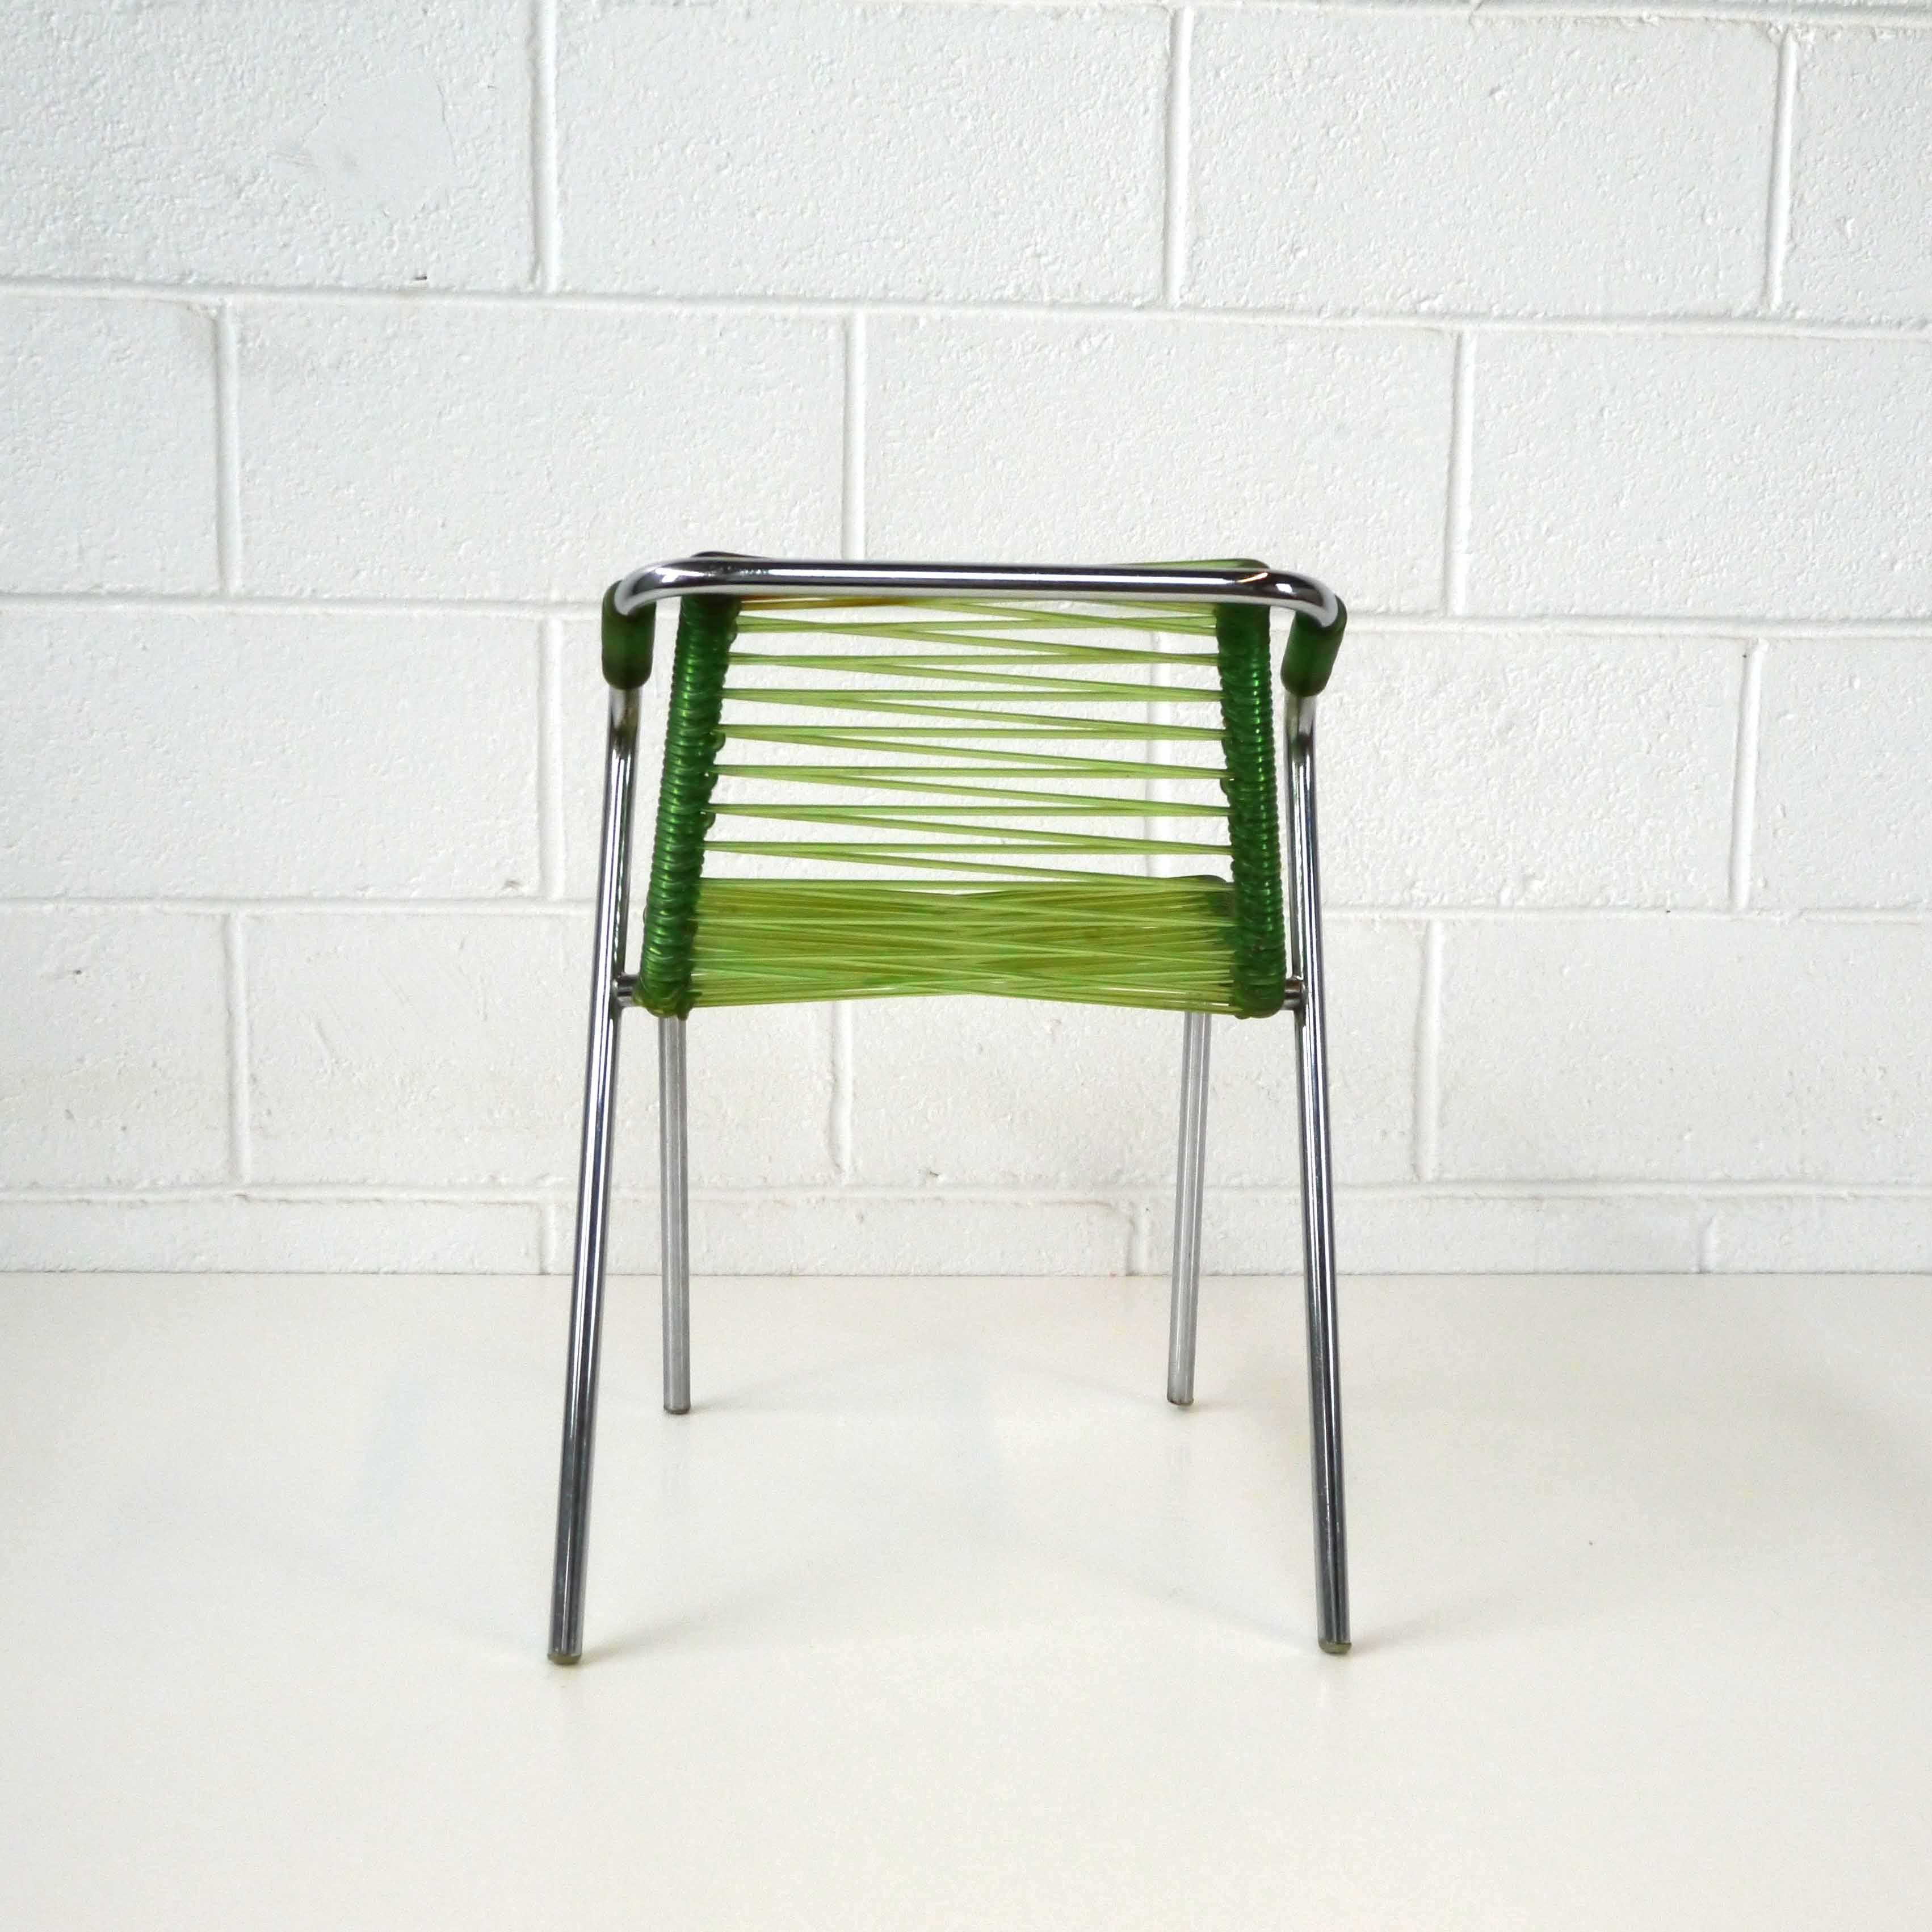 fauteuil scoubidou enfant 1957 la marelle mobilier et. Black Bedroom Furniture Sets. Home Design Ideas